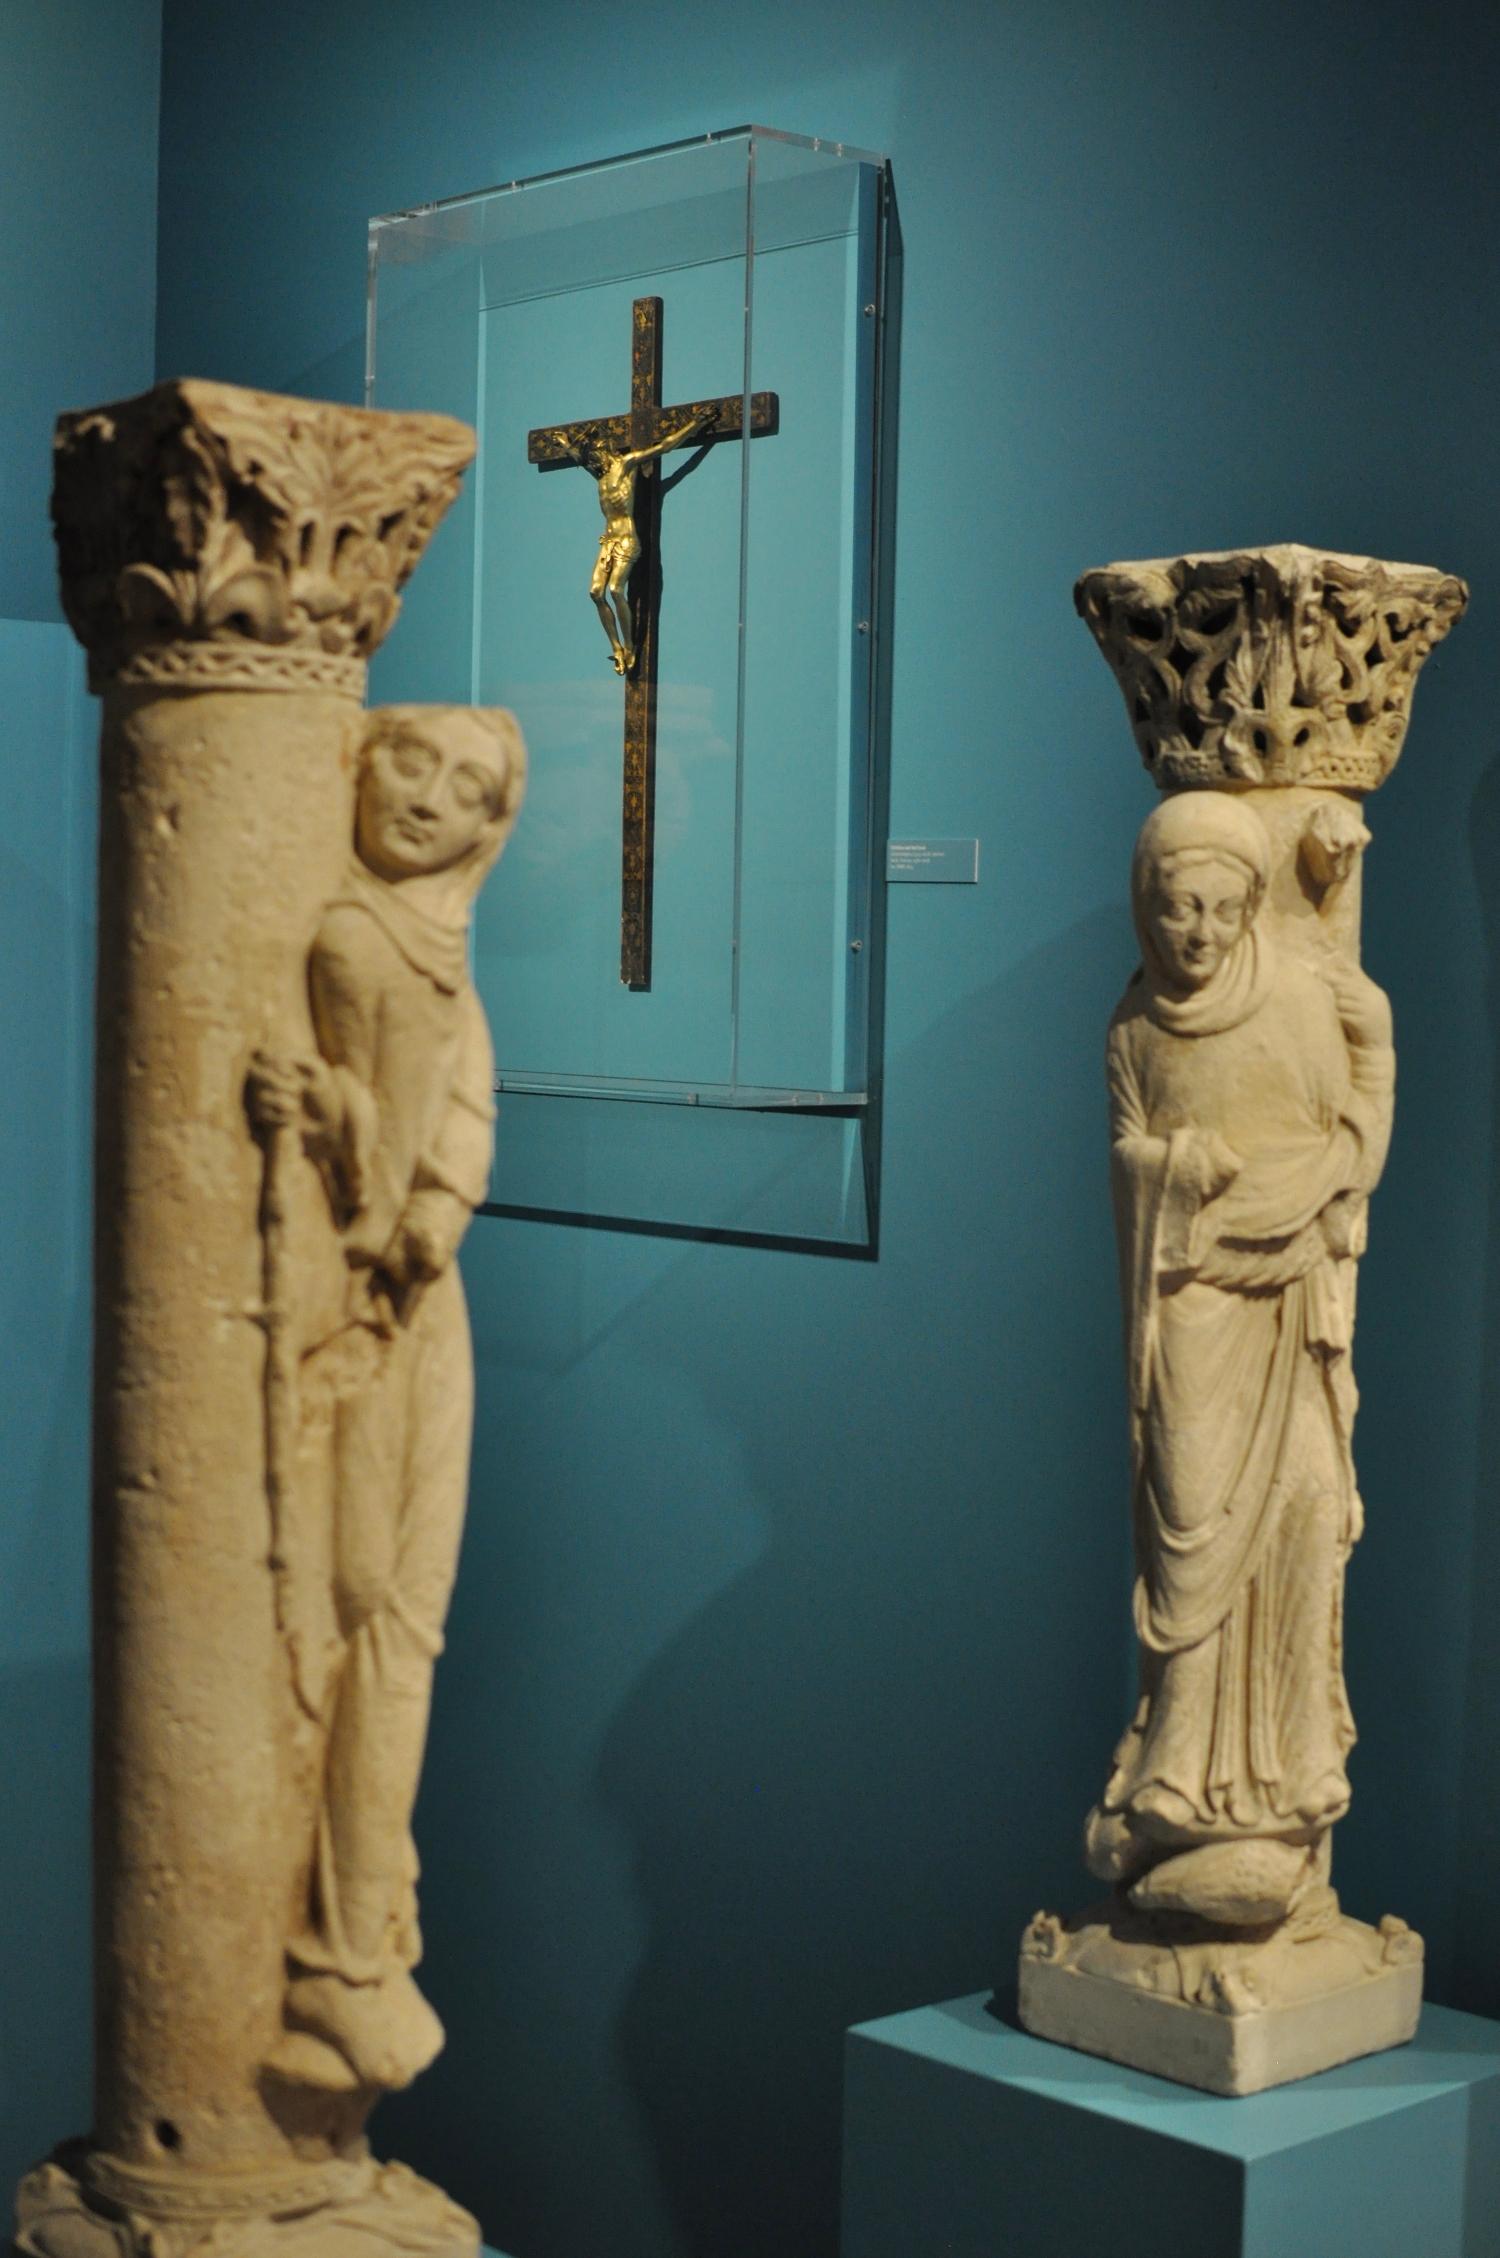 rocaille-blog-museum-fritz-mayer-van-den-bergh-anversa-antwerpen-flander-fiandre-13